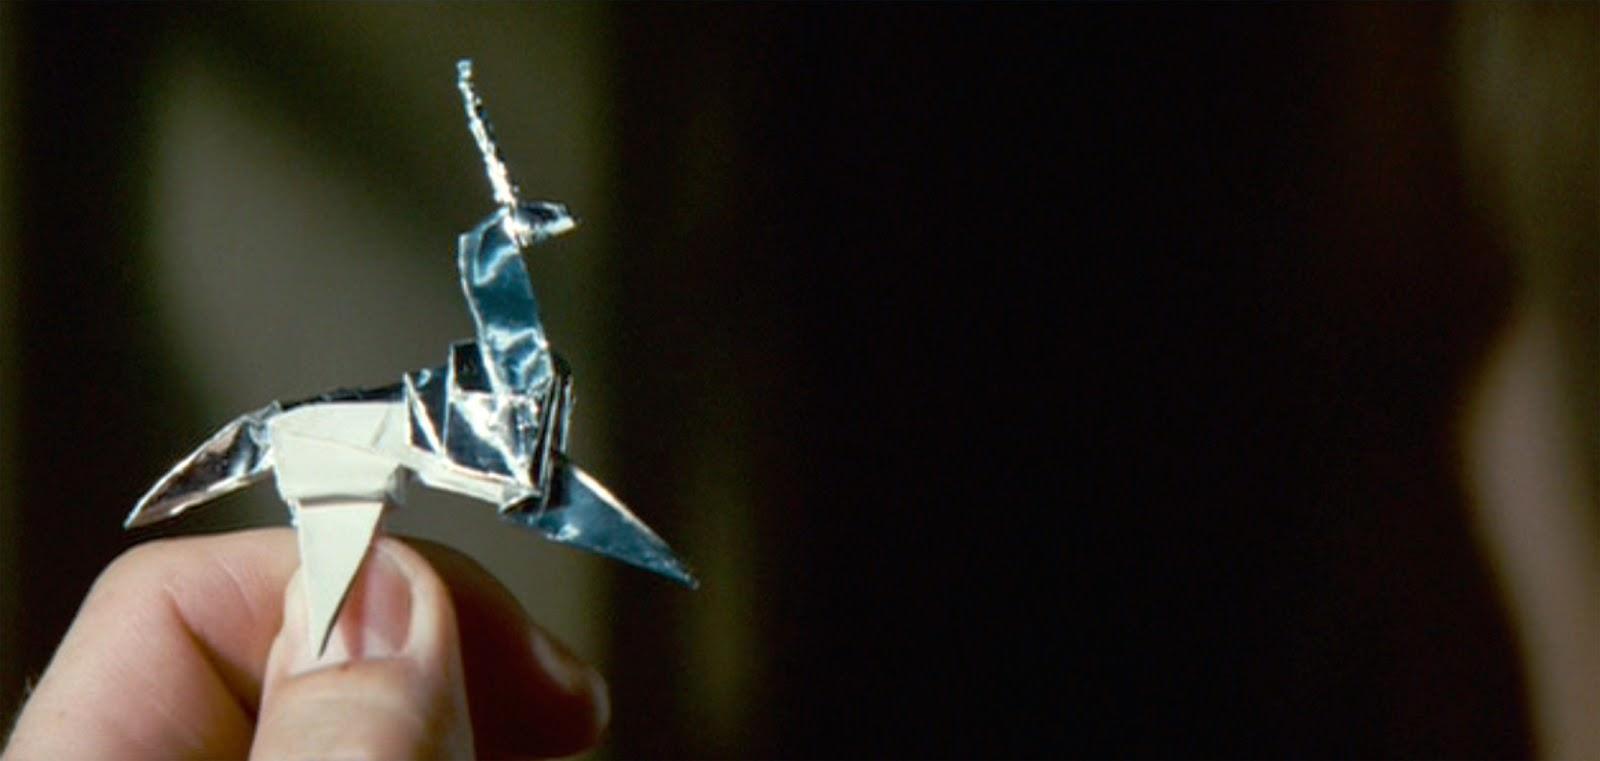 續集再創經典!看《銀翼殺手2049》之前你該知道的《銀翼殺手》六件事┃電影專題